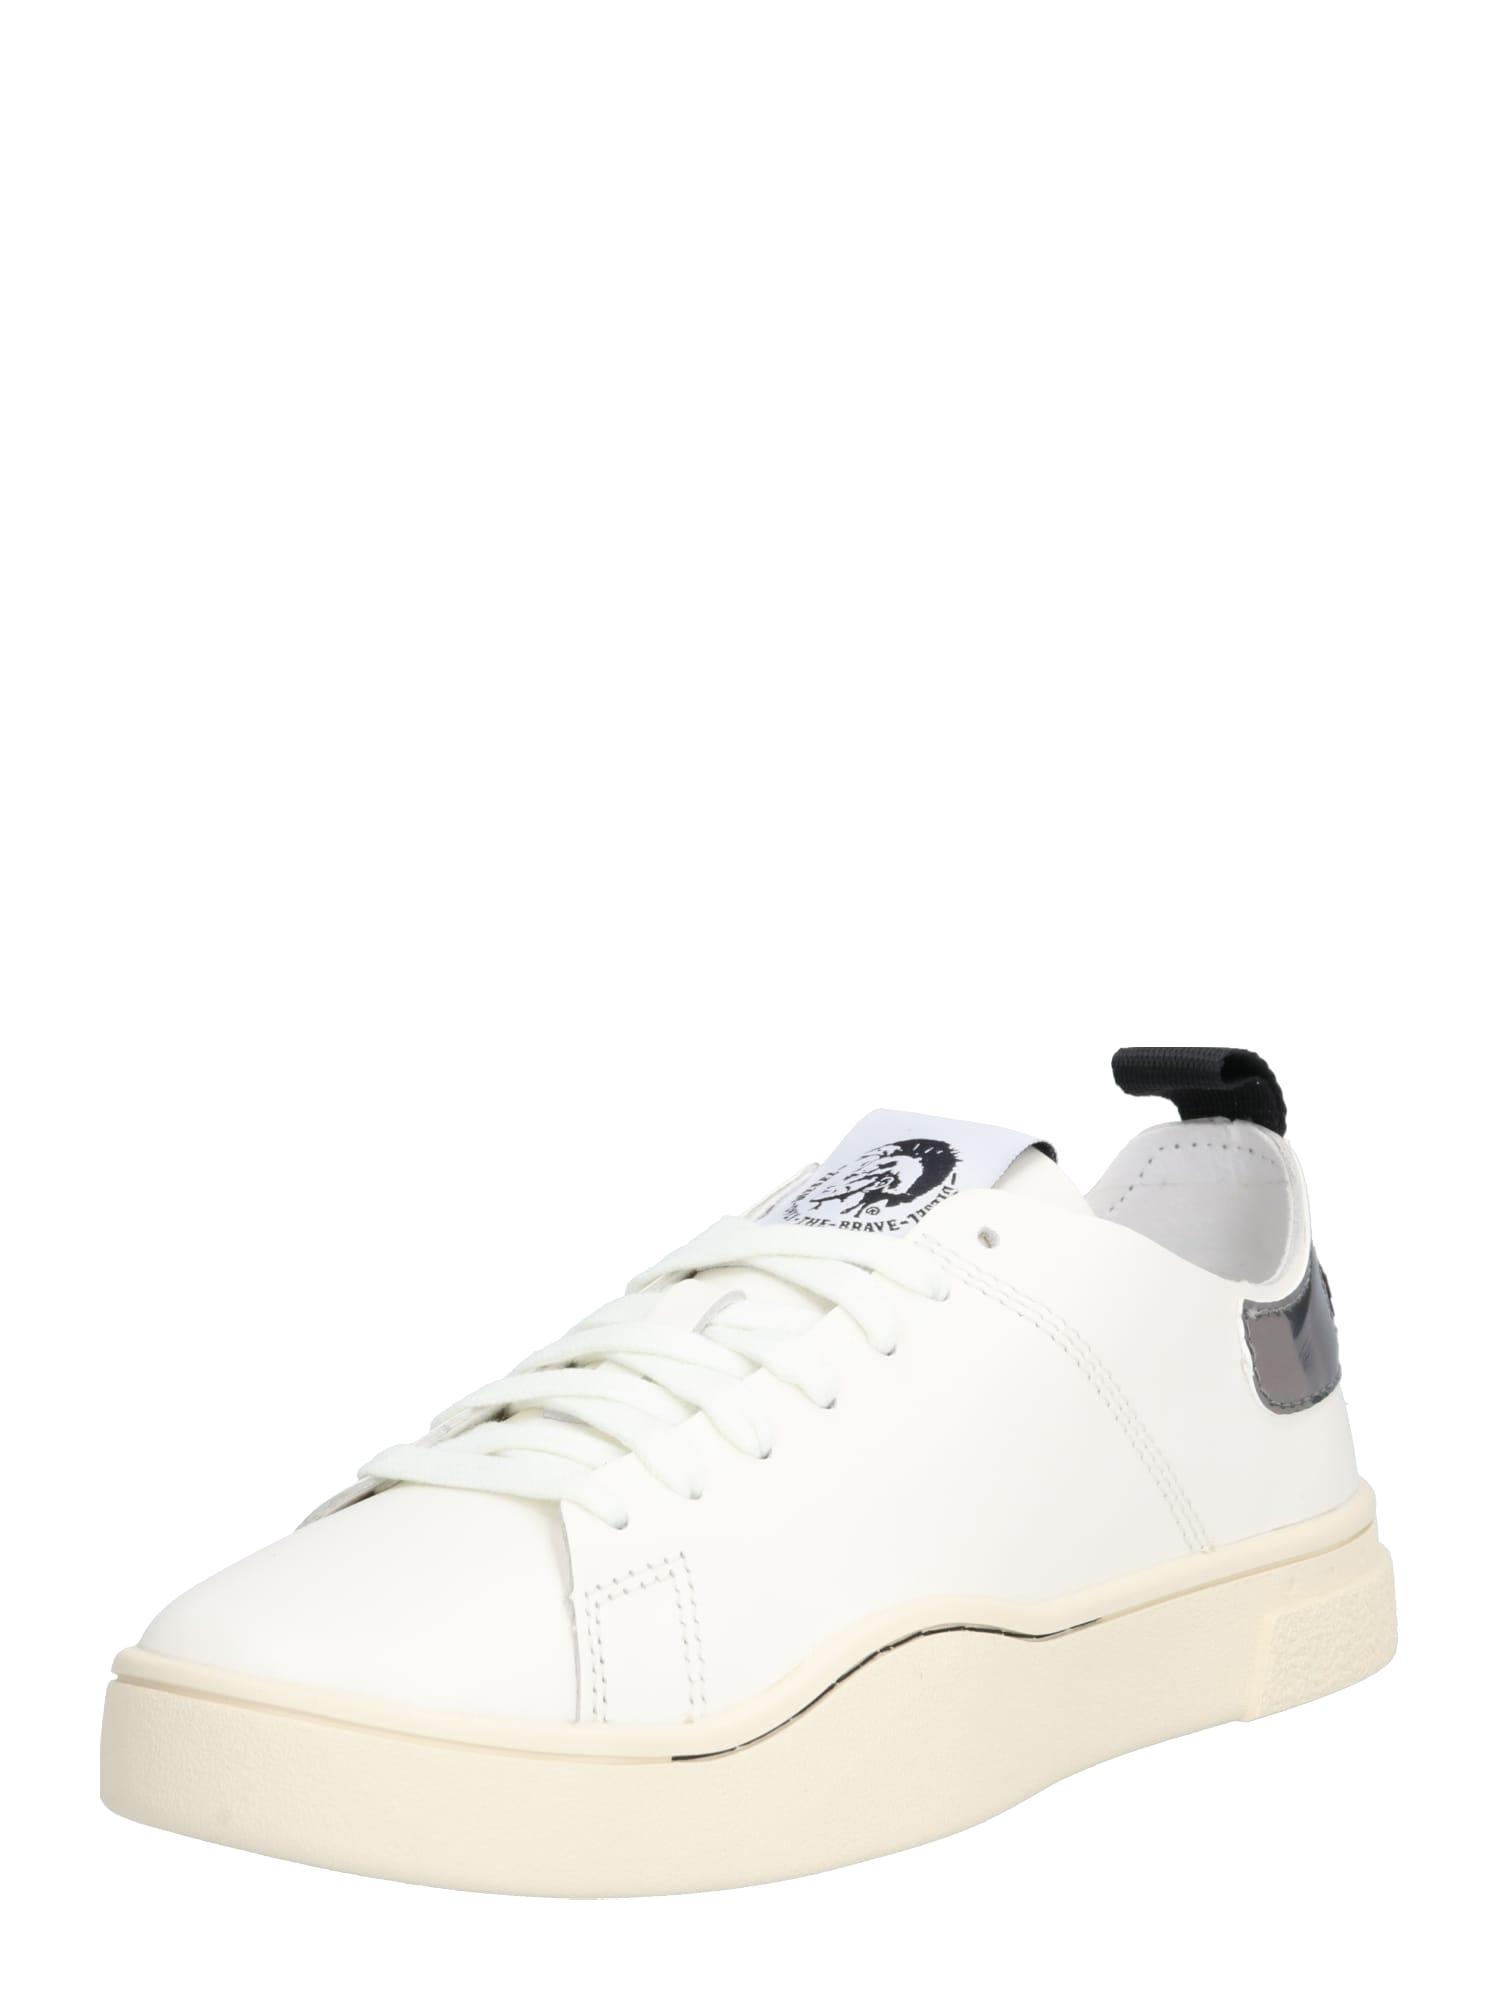 diesel - Sneaker ´S-Clever LS W´